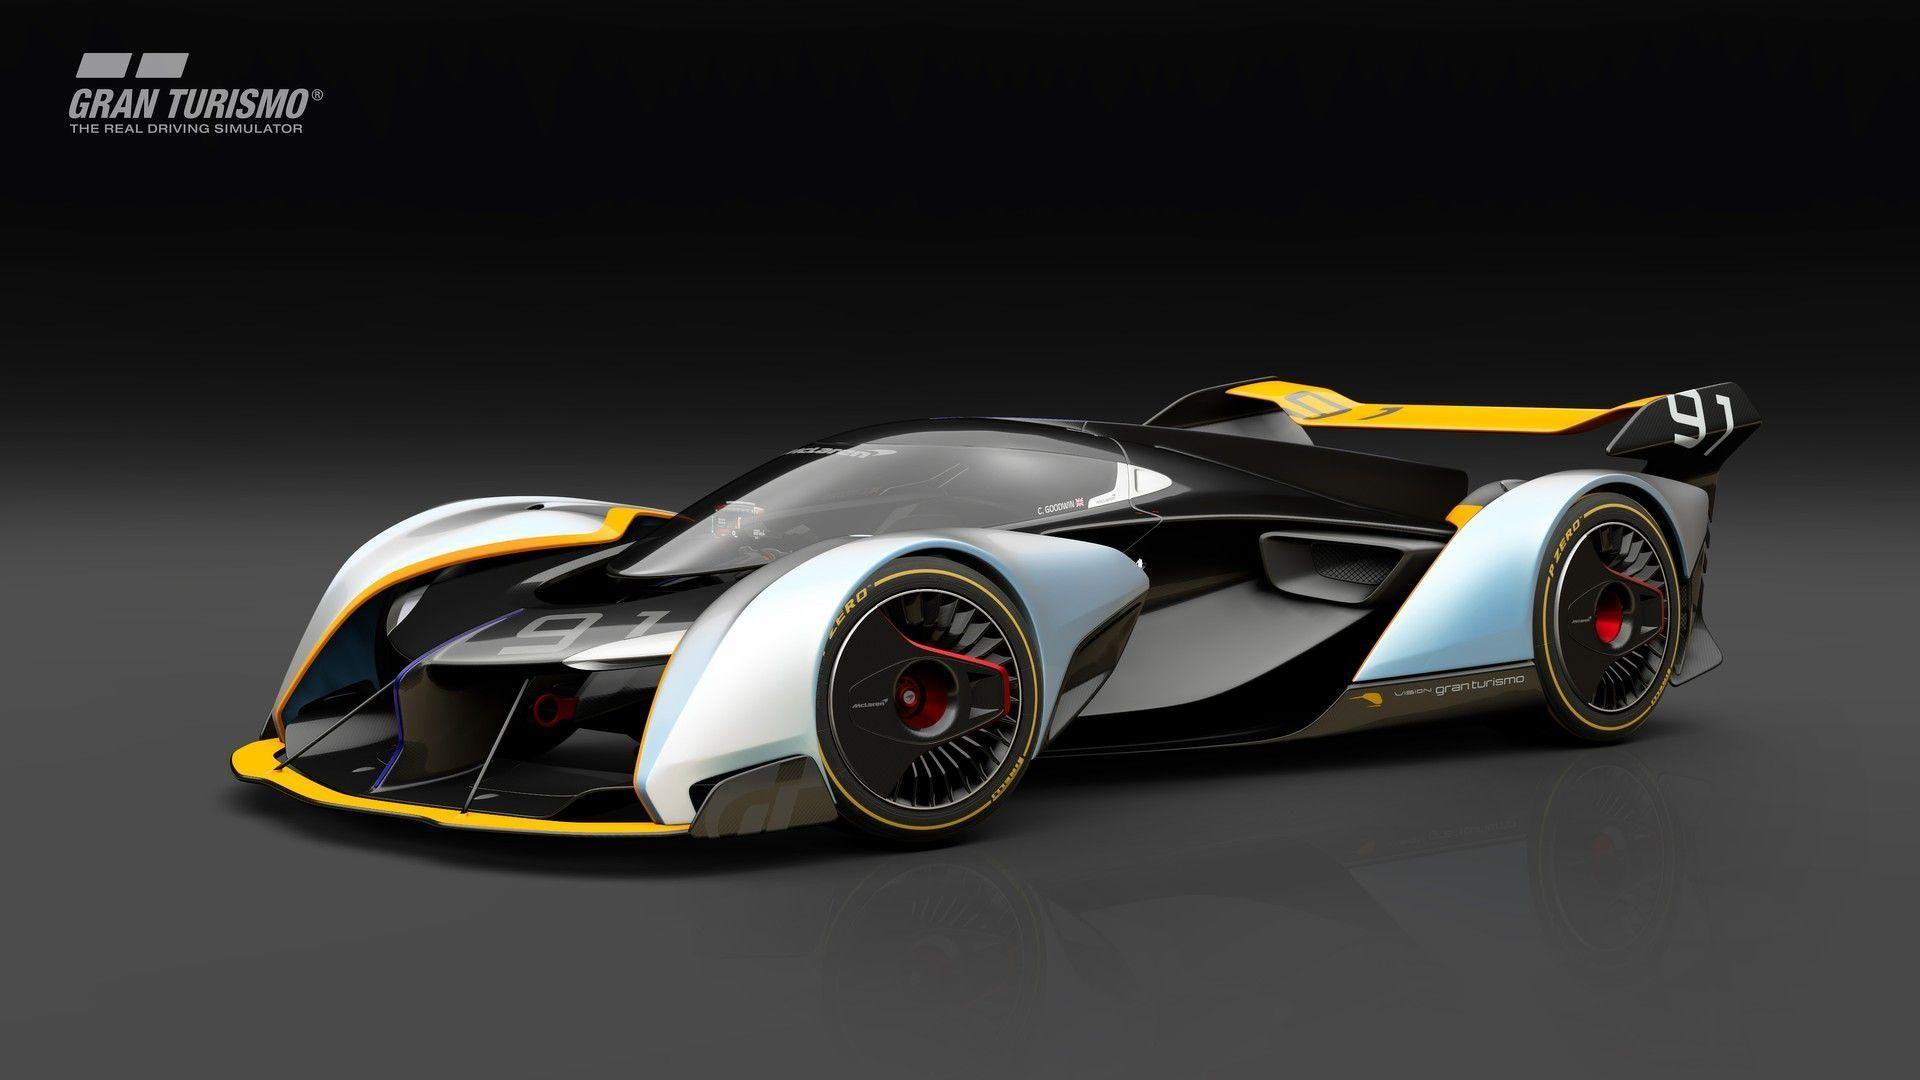 Η McLaren Ultimate Vision GT αποκαλύφθηκε για το Gran